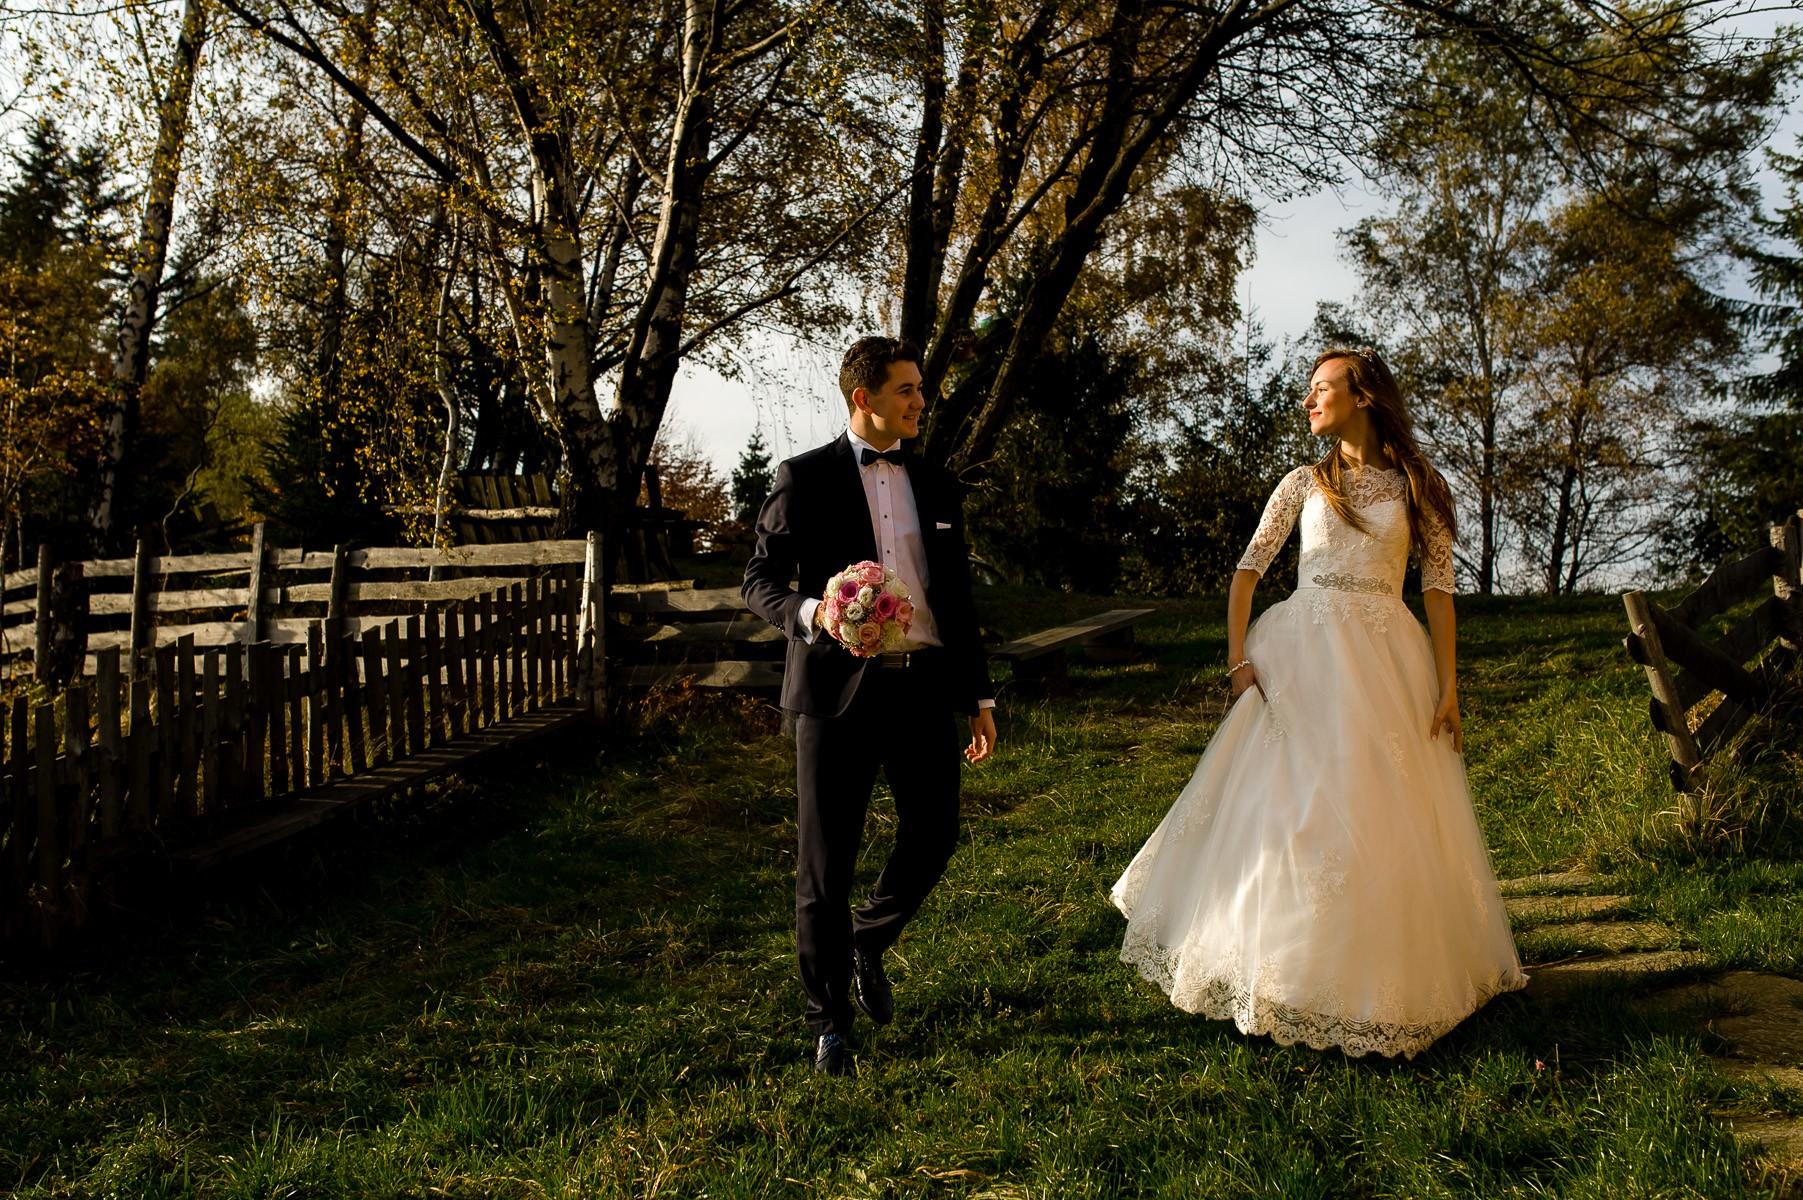 sala na skarpie fotograf slubny slask malopolska adam pietrusiak plener slubny w gorach jw wedding 191